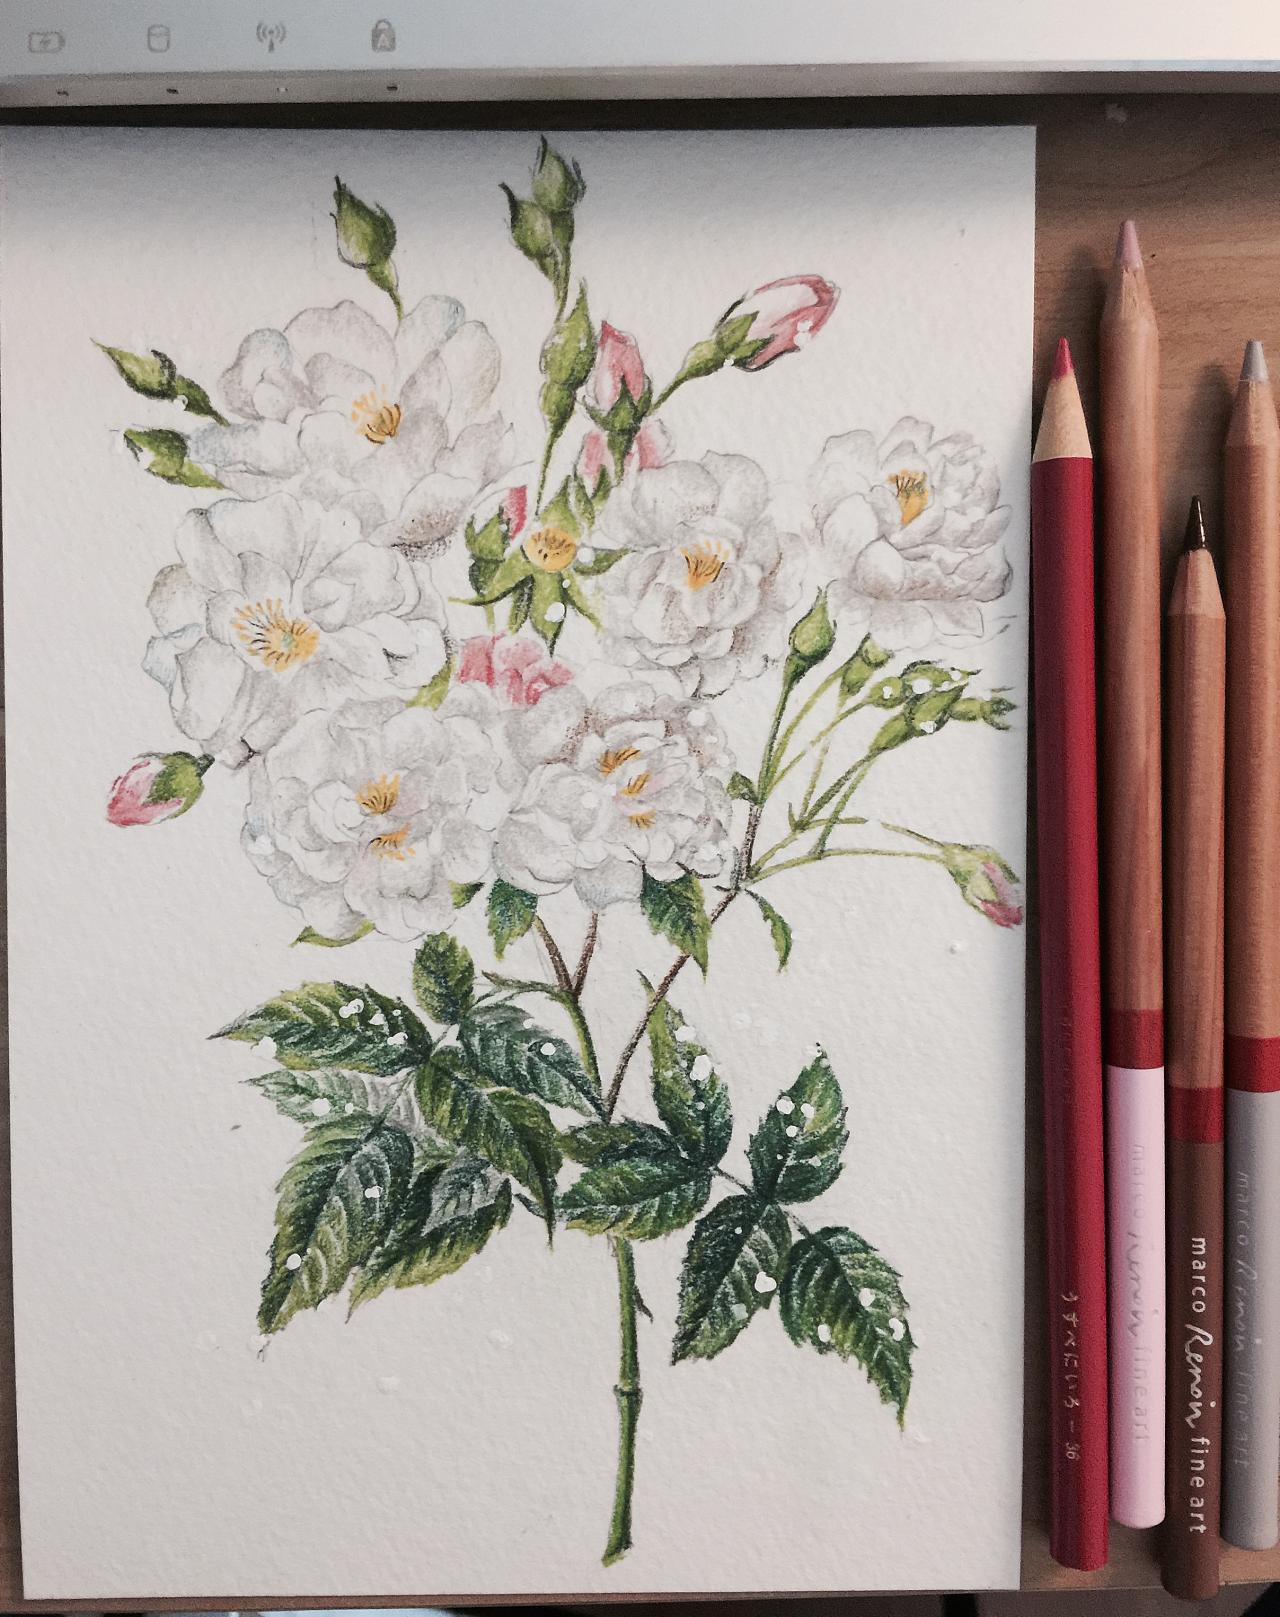 植物彩铅插画